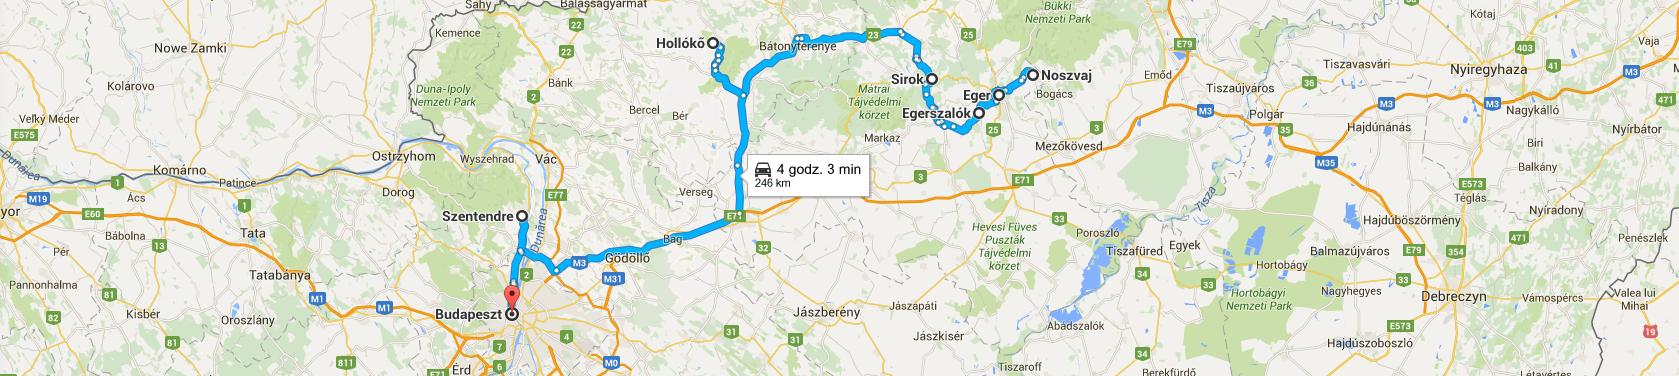 Trasa z Egeru do Budapesztu